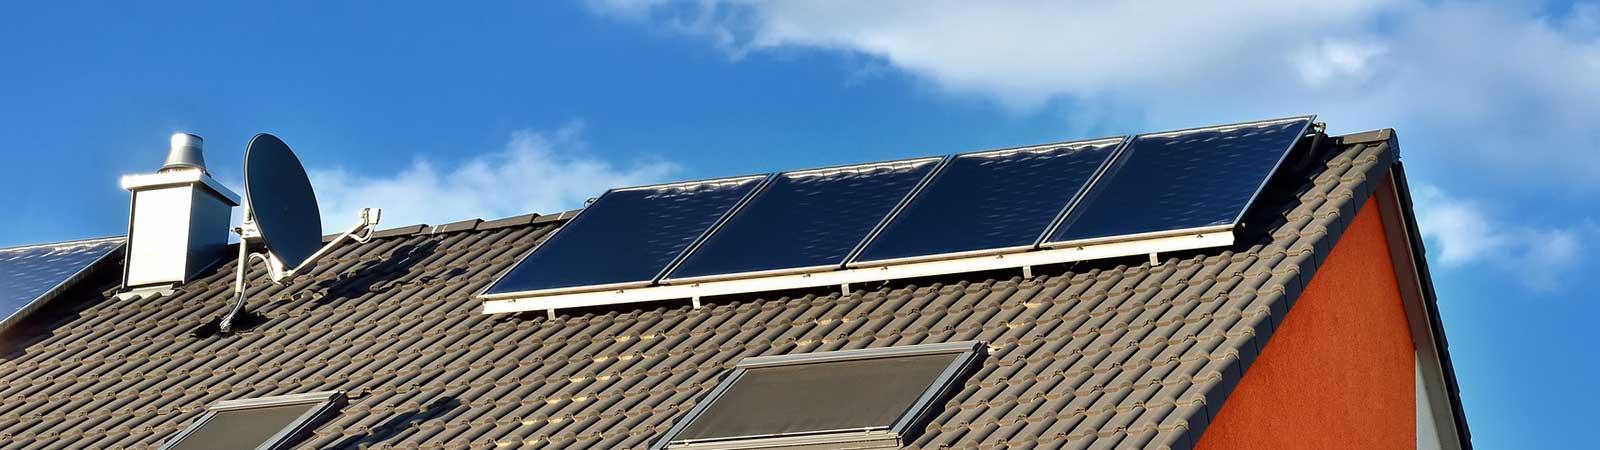 Solarheizung Heizanlagen Effizient Modernisieren